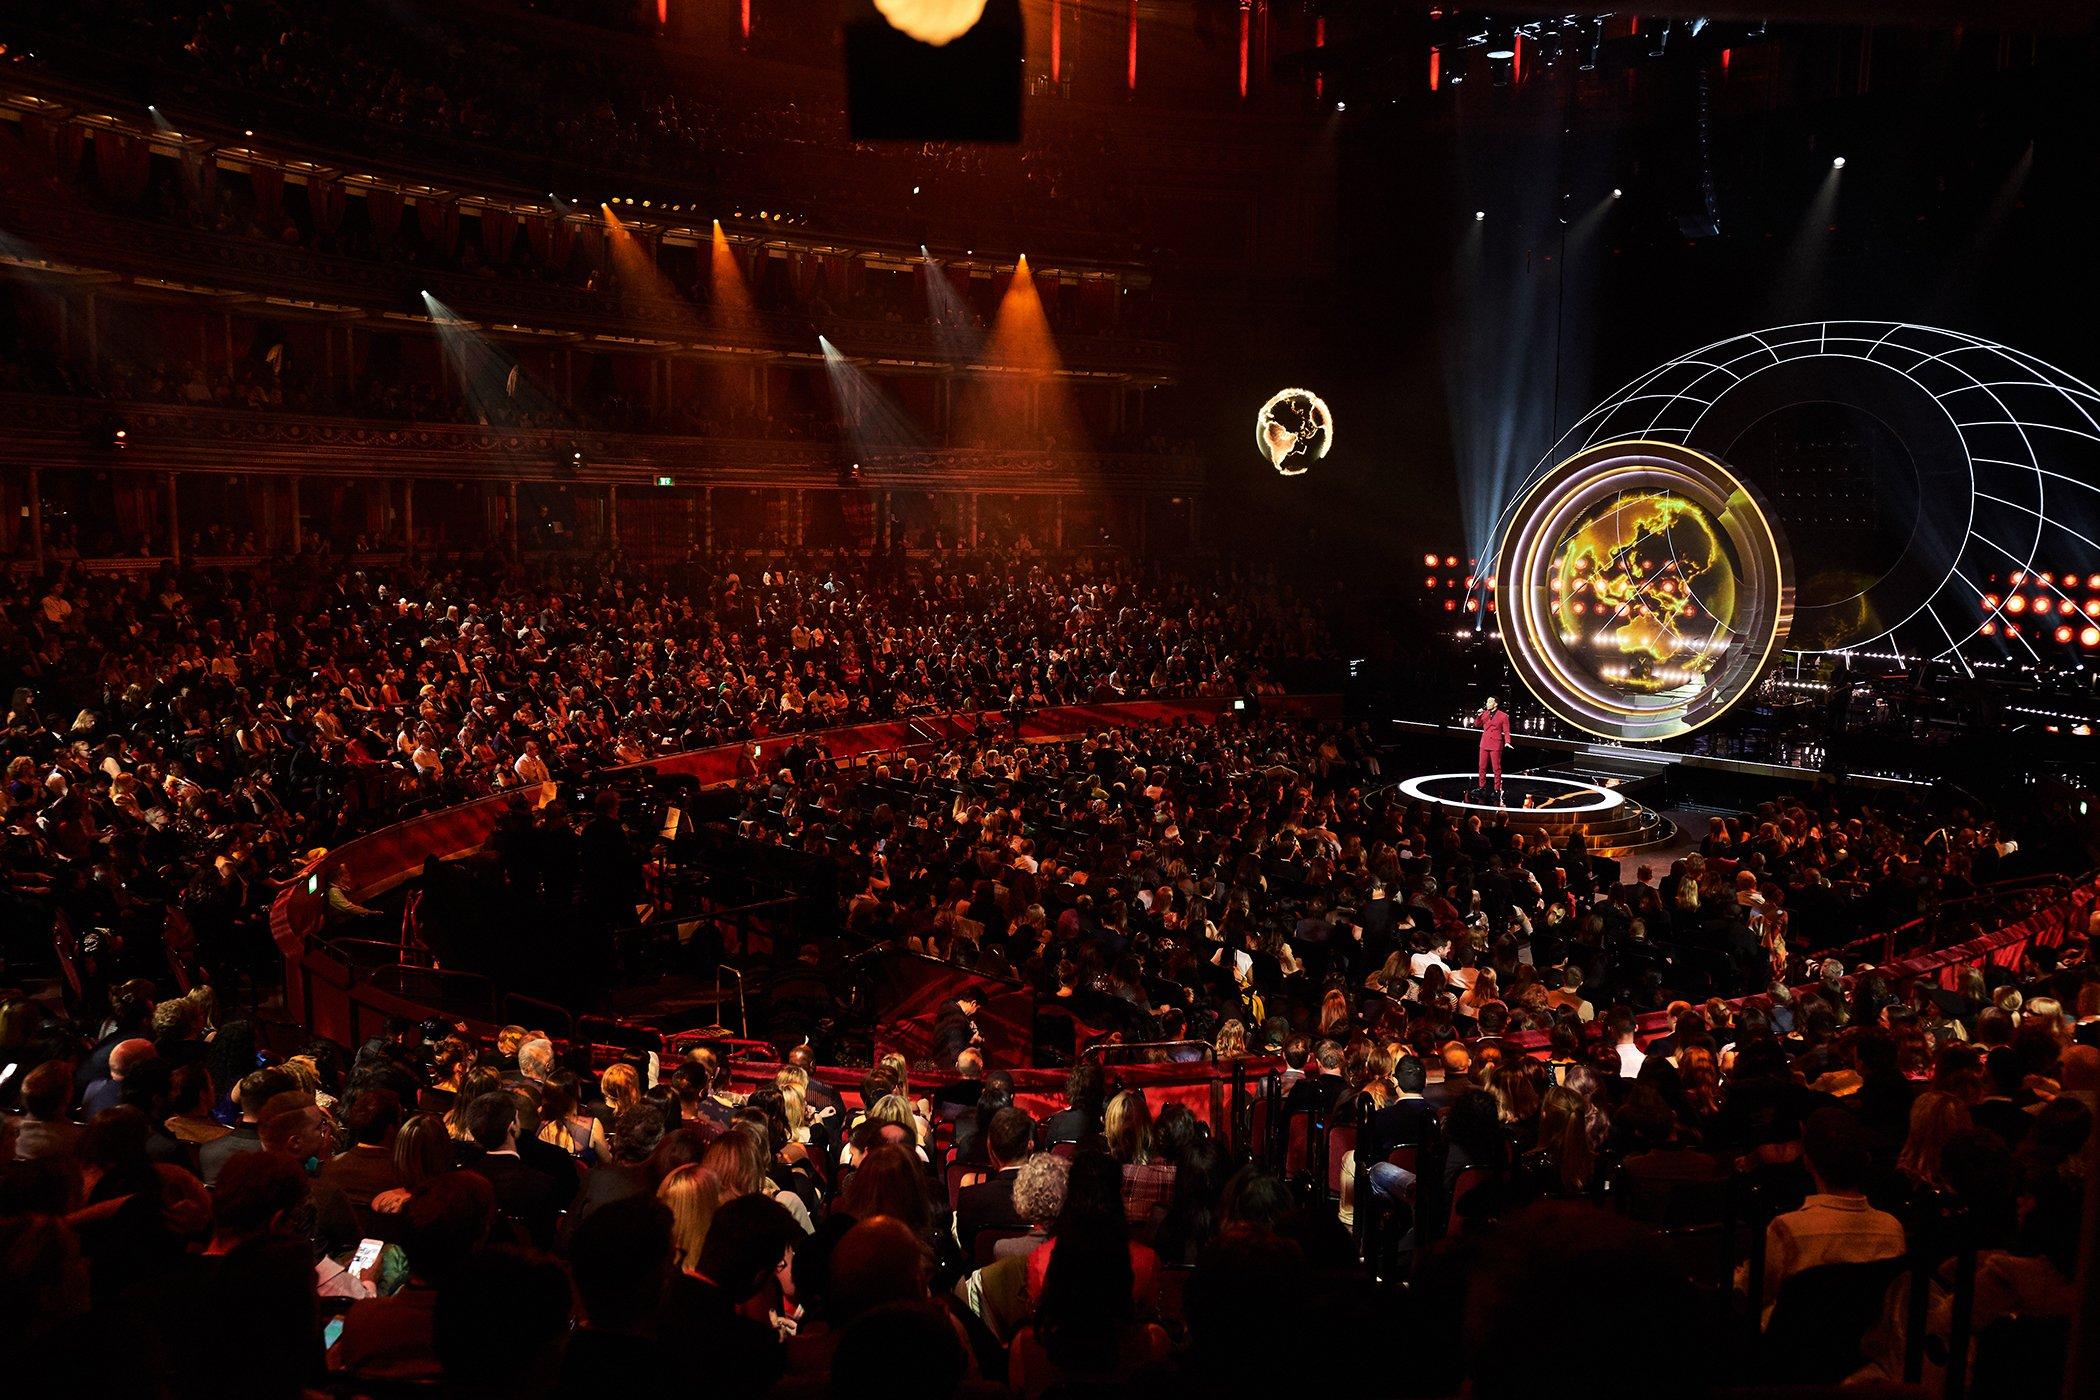 Unser Gastgeber John Legend auf der Bühne der Robert Albert Hall, London, beim Global Citizen Prize am 13. Dezember 2019. Bild: Pip Cowley für Global Citizen